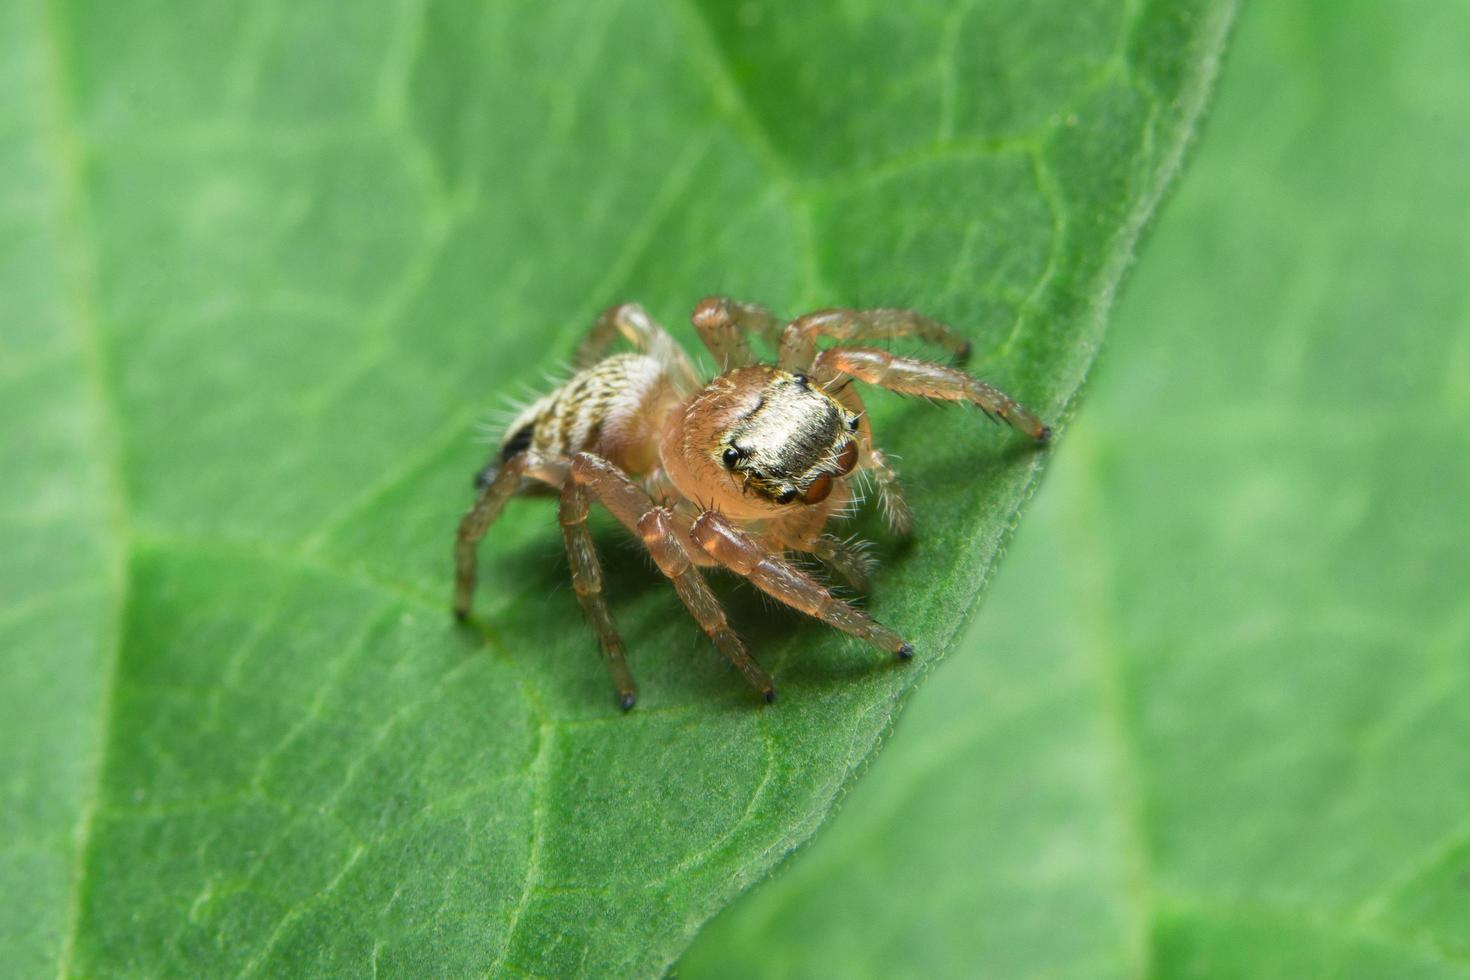 fin, haut, araignée, feuille photo